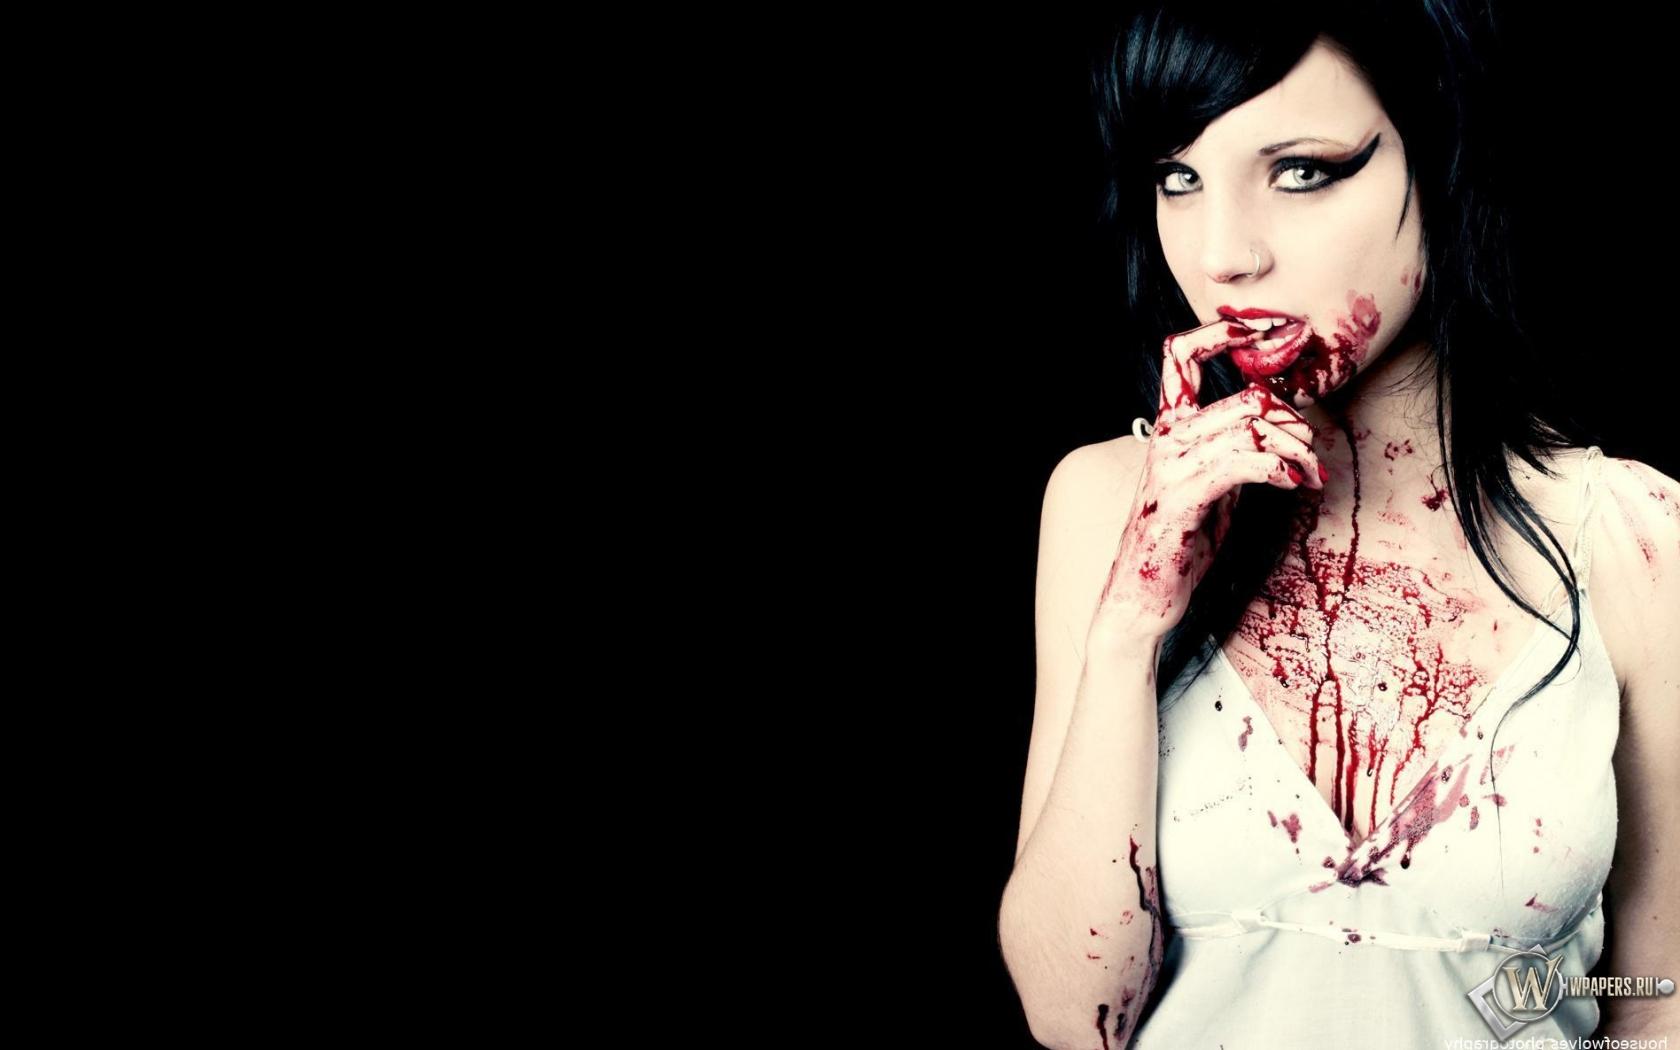 Картинка девушка с кровью